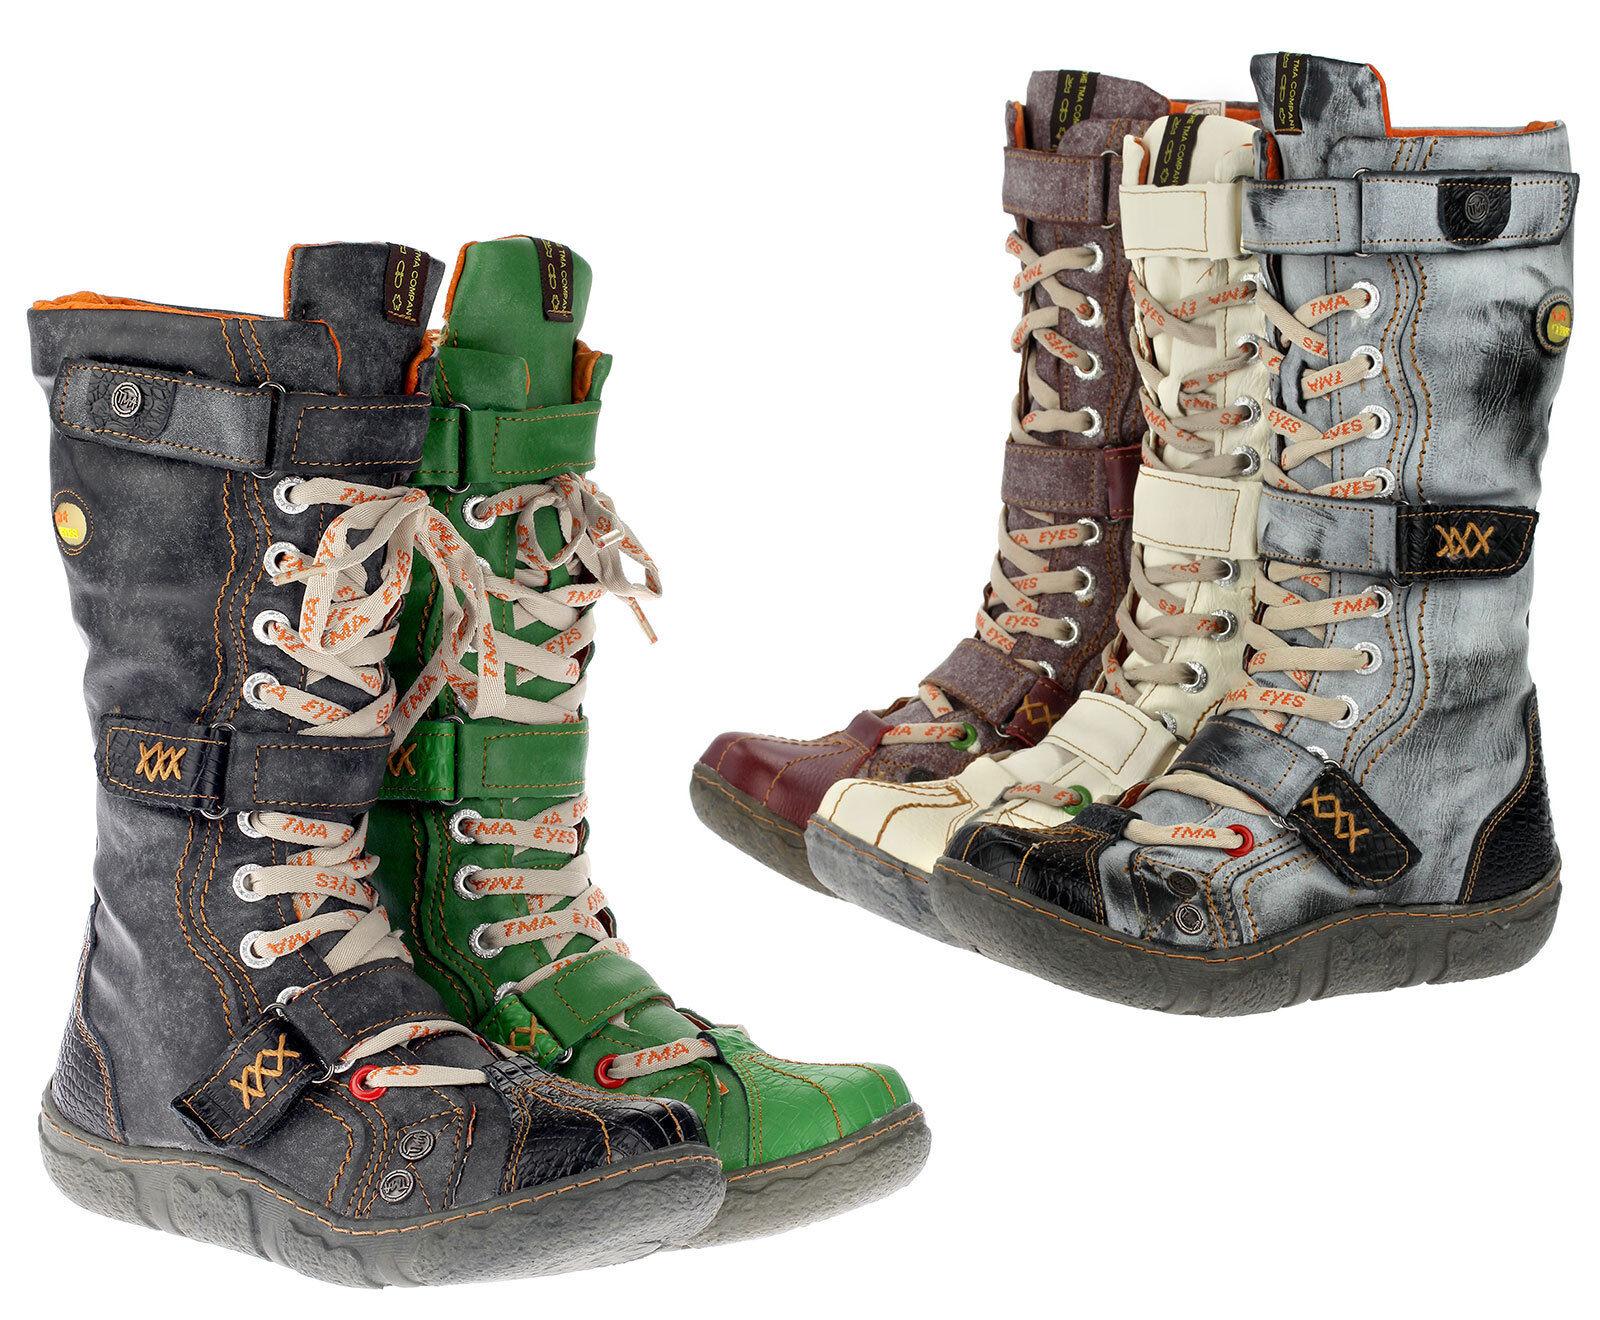 TMA señora botas botas de invierno botas de de de invierno Zapatos Comfort Vario-dad nuevo 7086  increíbles descuentos